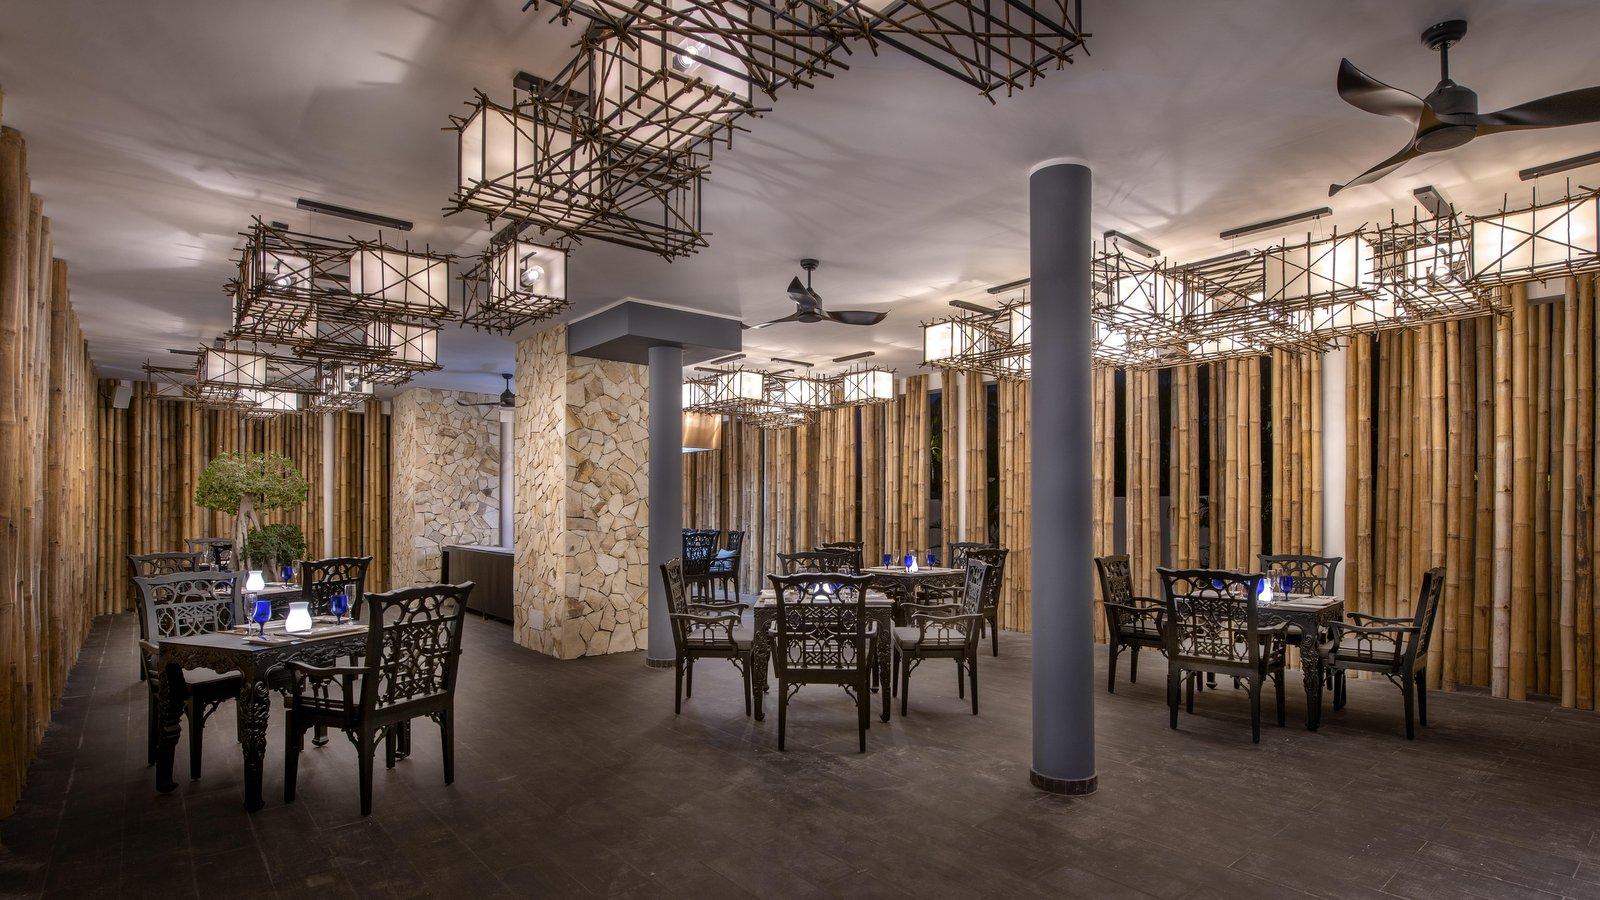 Мальдивы, отель Emerald Maldives Resort & Spa, ресторан Le Asiatique